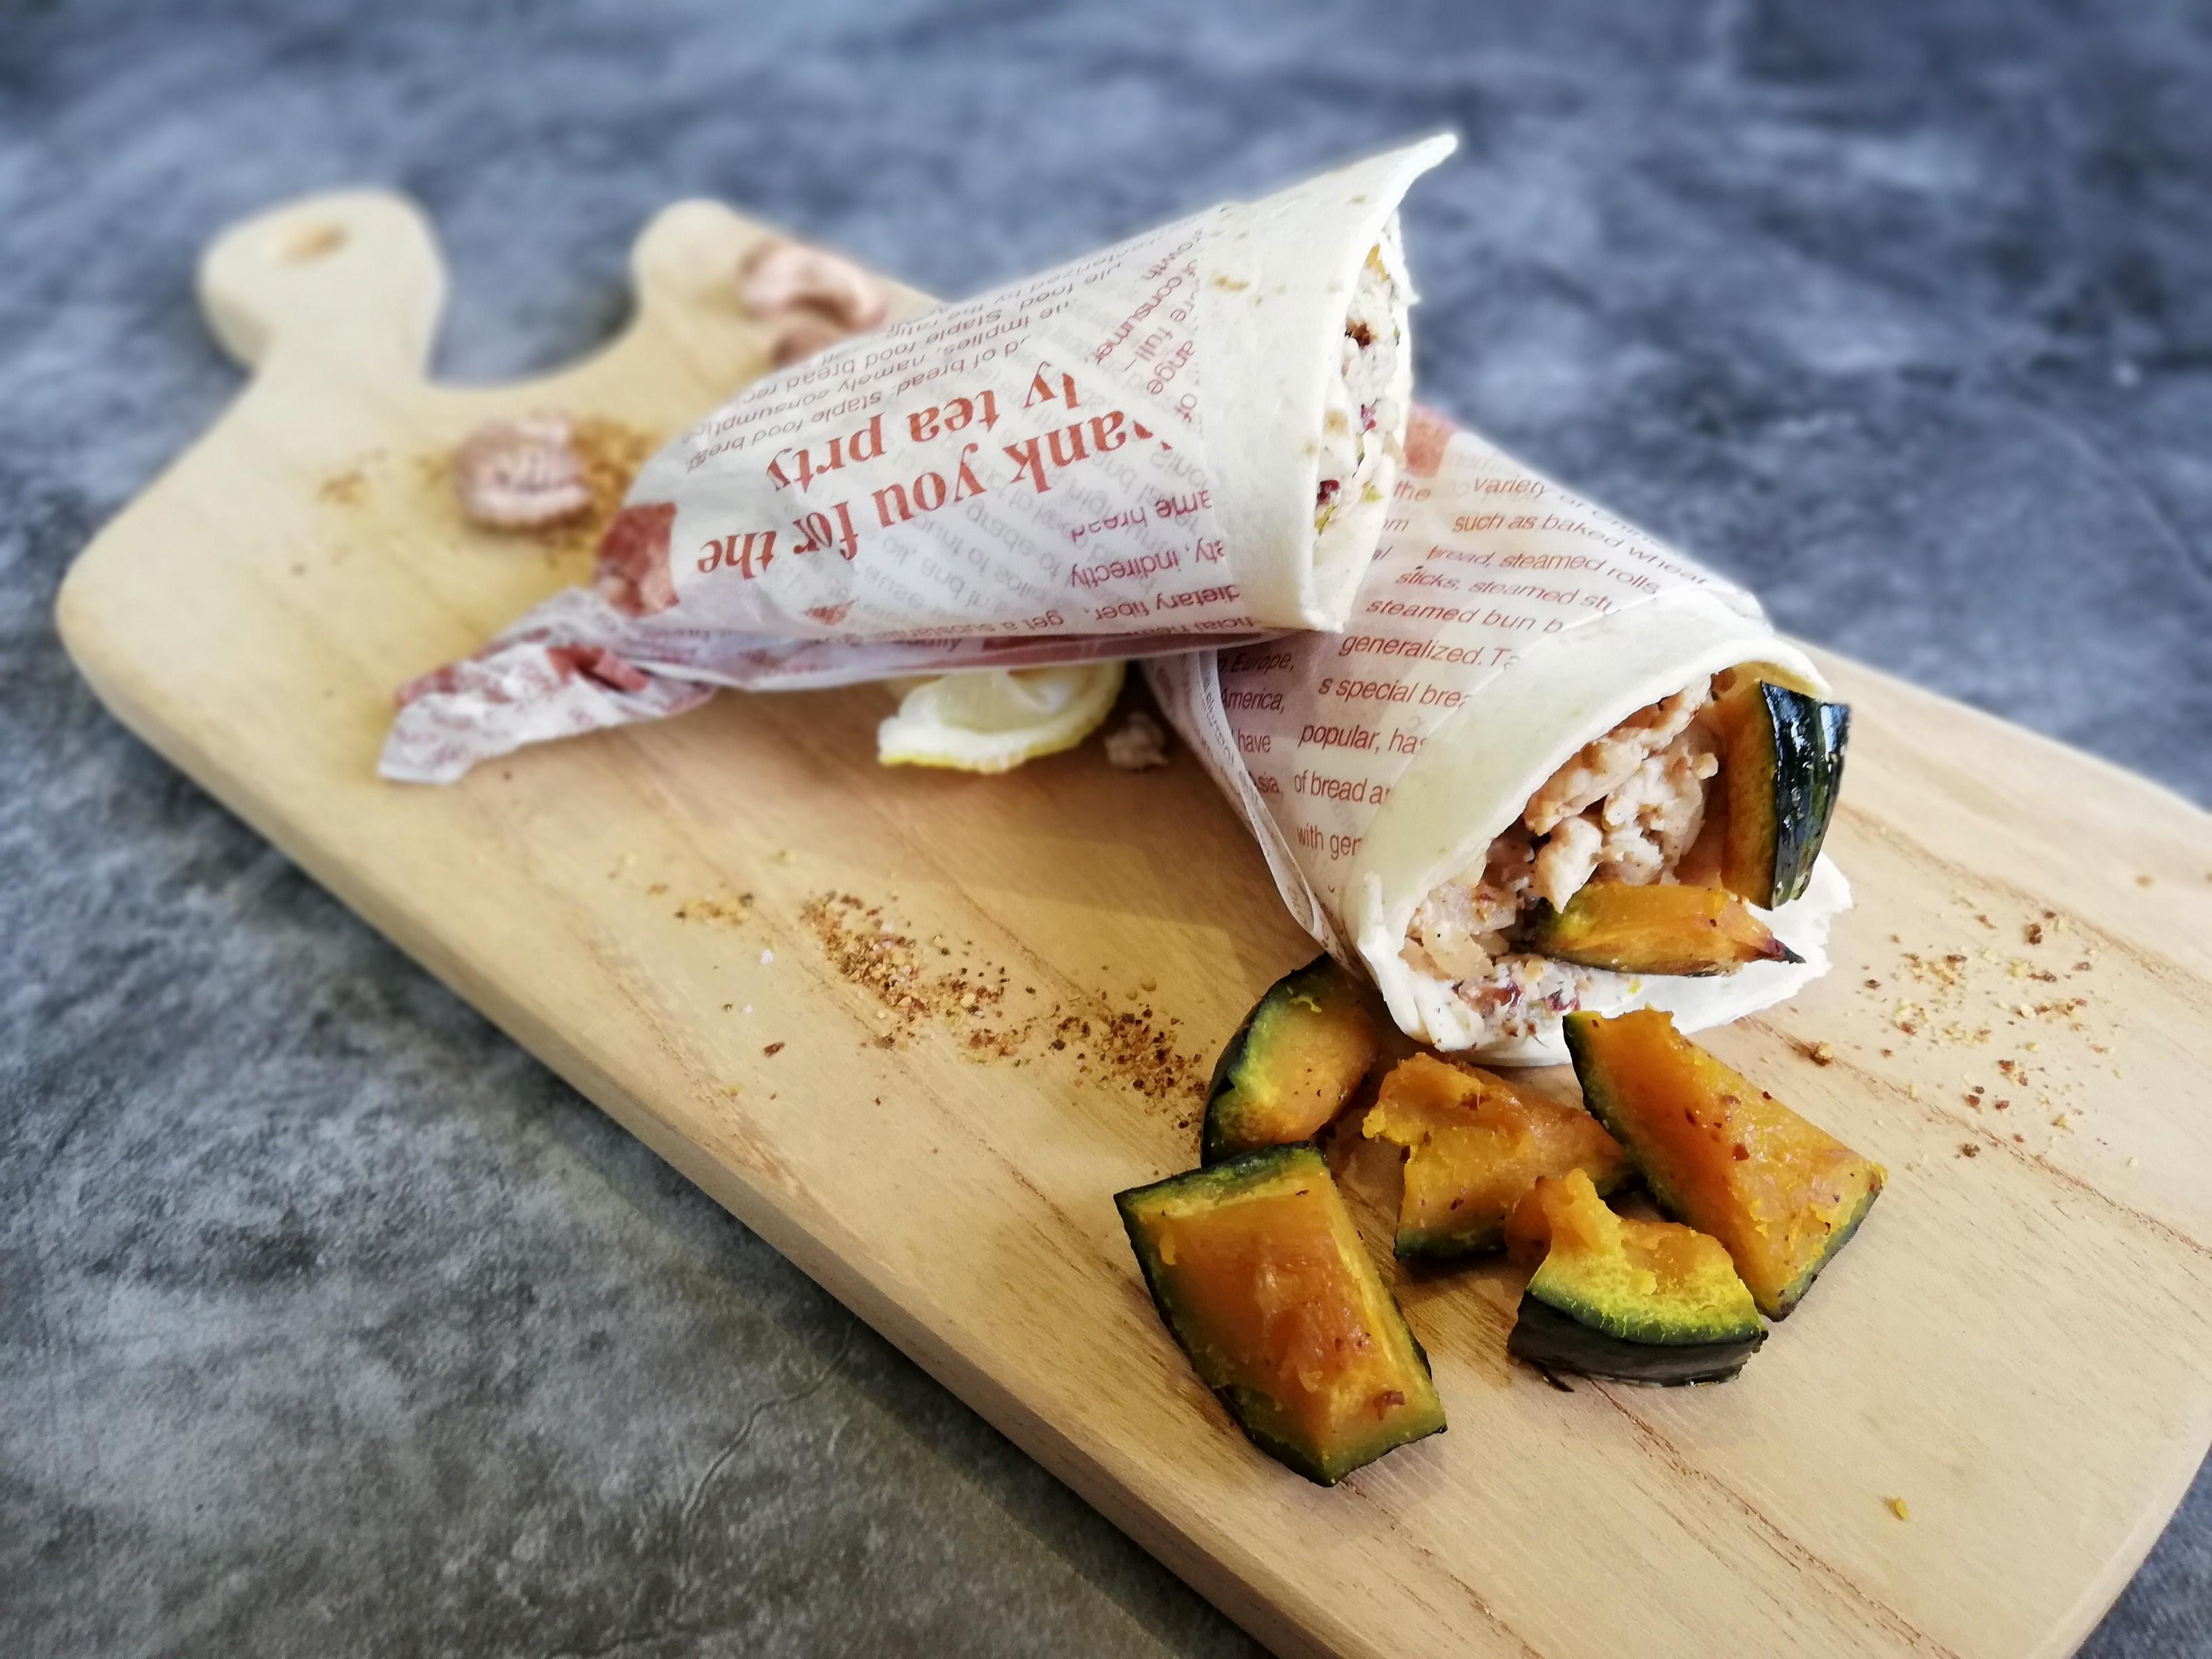 抗疫健康料理<雞肉>墨西哥香辣雞肉捲餅